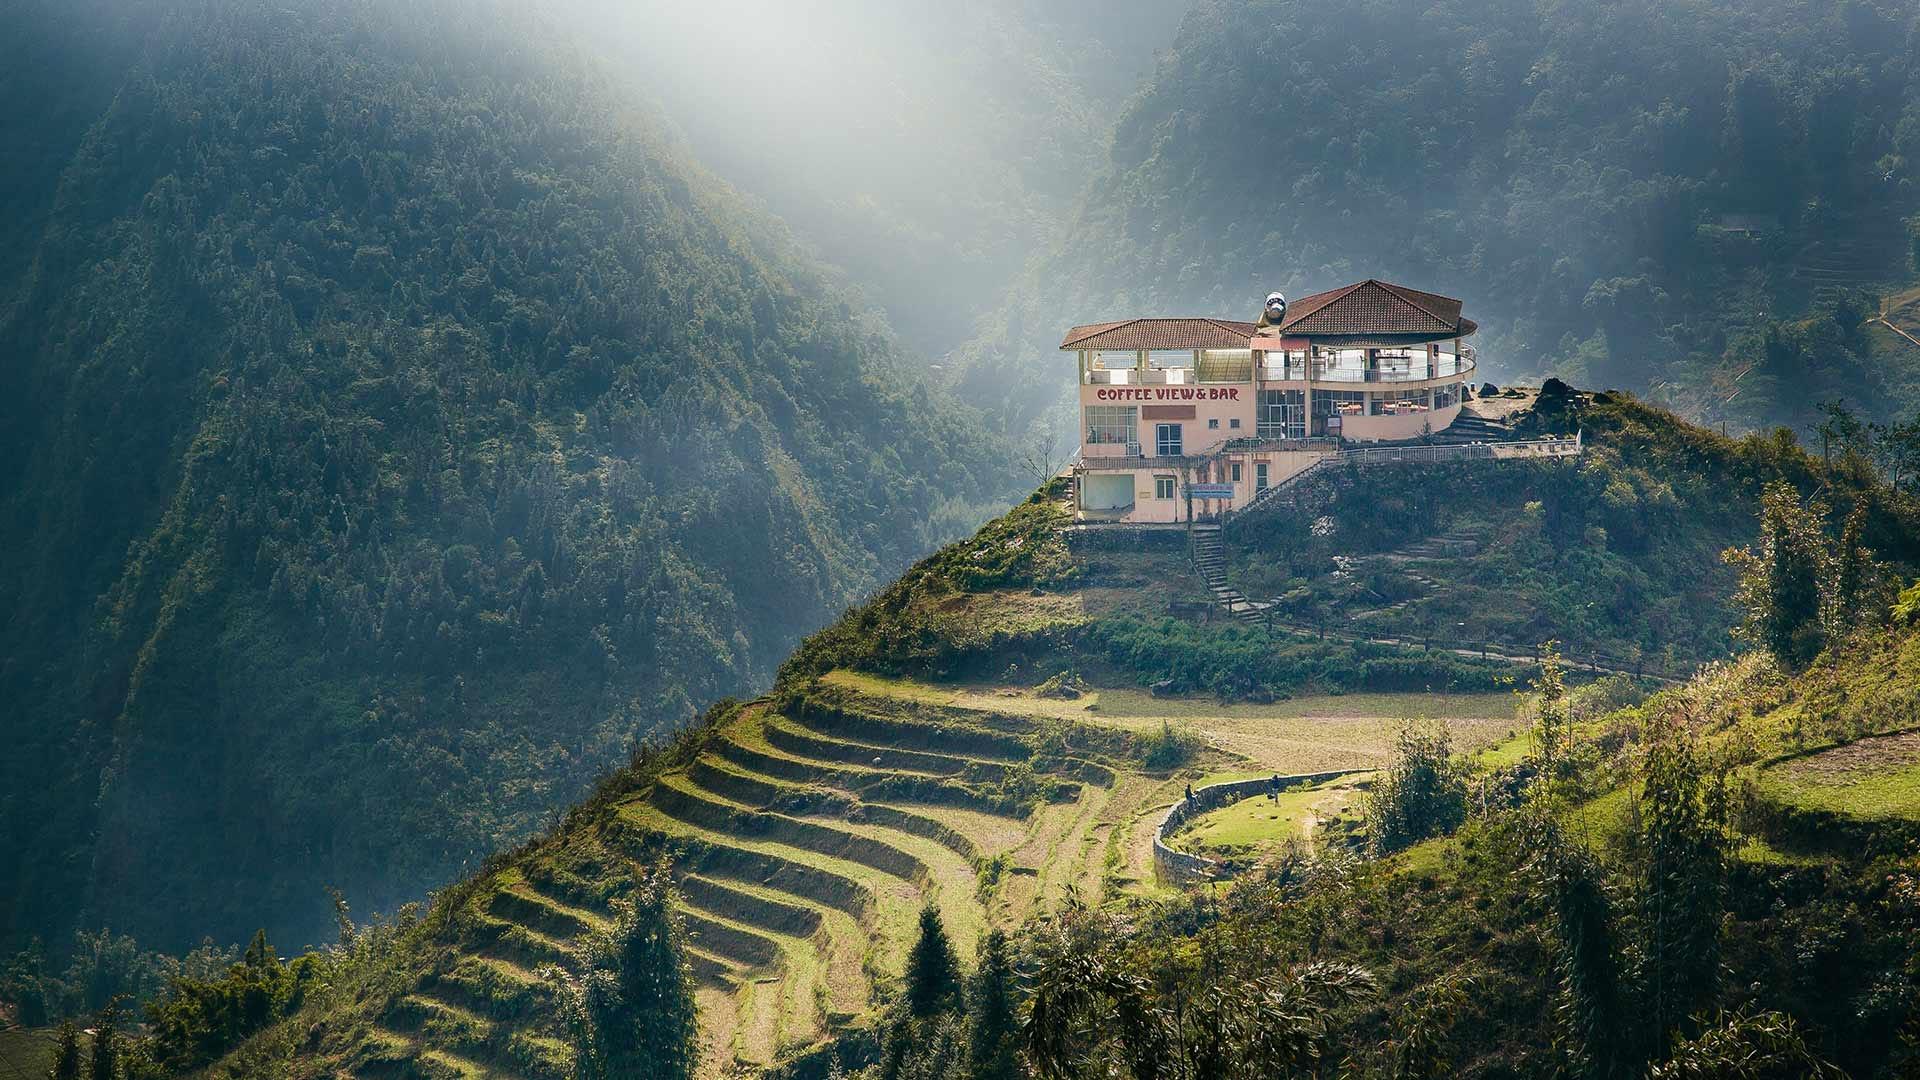 A coffee shop on the peaks of Fan Si Pan mountain in Vietnam.